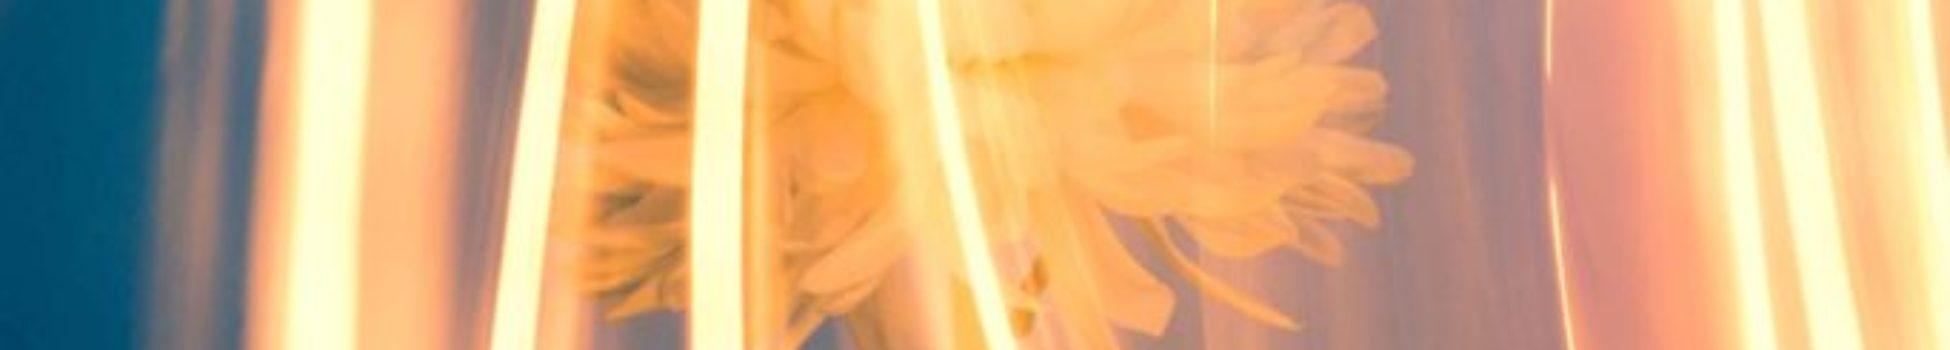 activación-telares-de-luz-de-las-estrellas